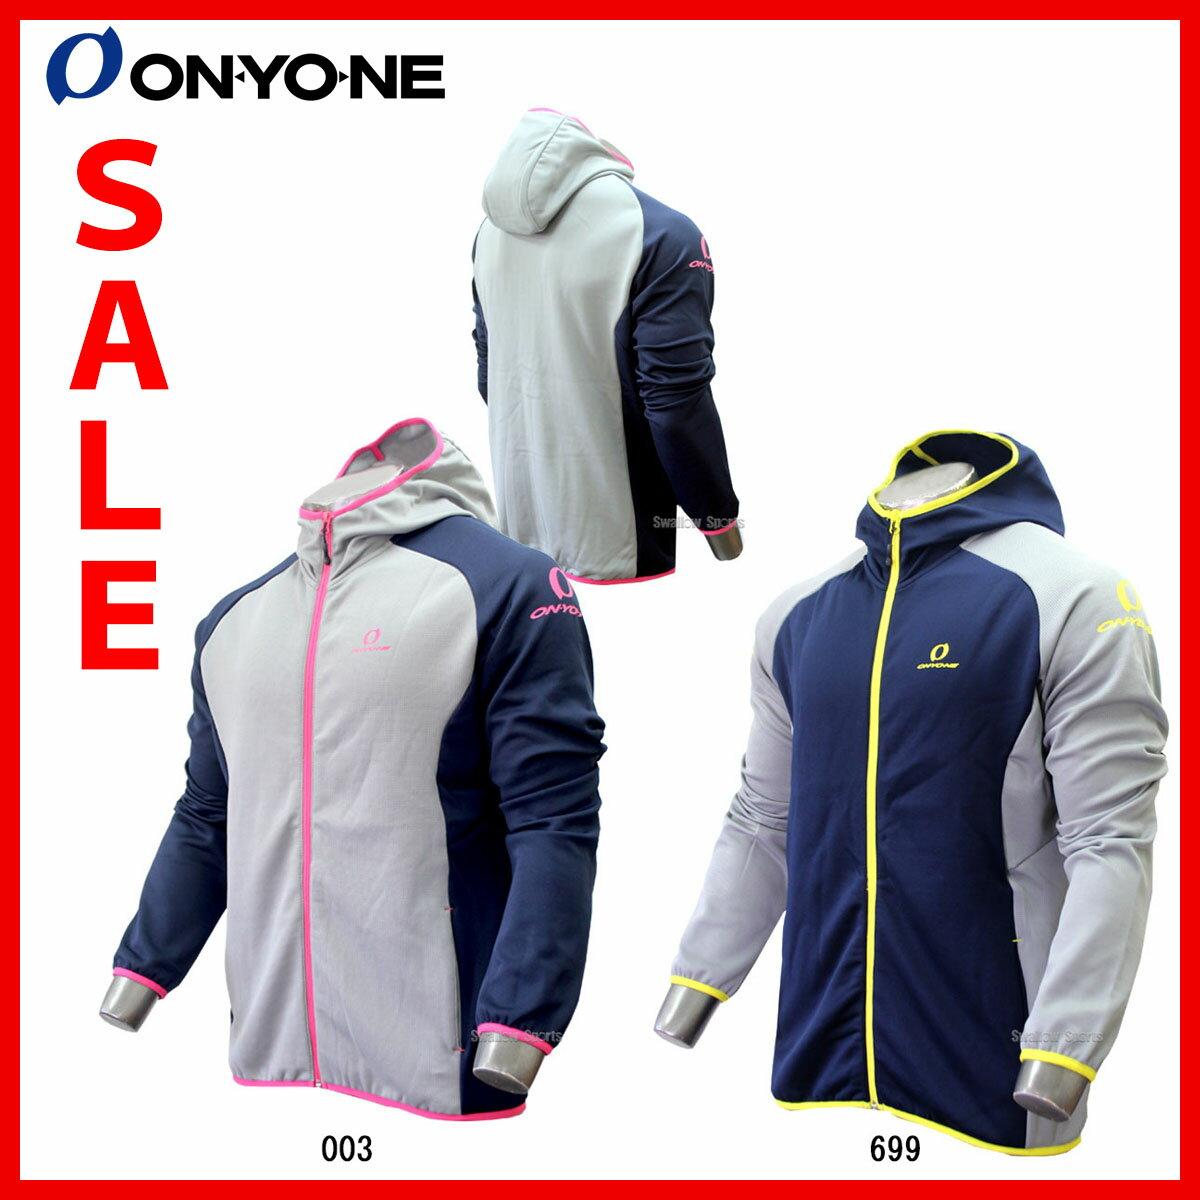 【あす楽対応】 オンヨネ フリース パーカー ジャケット OKJ98201 ウエア ウェア ファッション ランニング ウォーキング ジョギング 運動 スポカジ 野球用品 スワロースポーツ